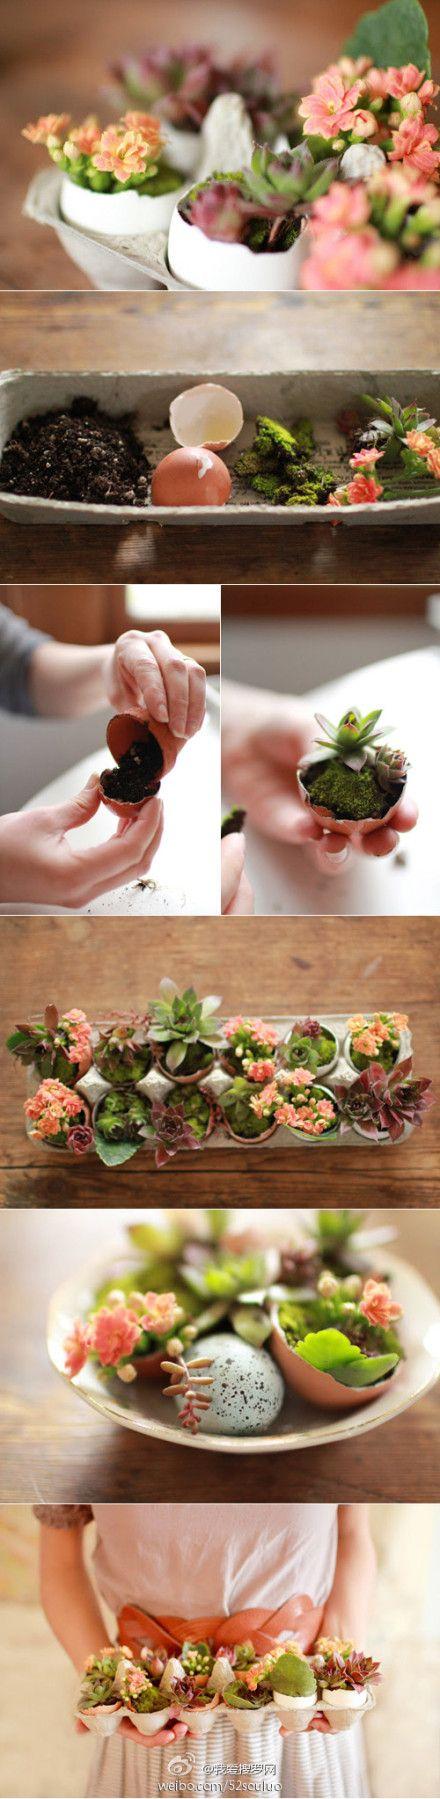 DIY : a tiny garden in an egg box